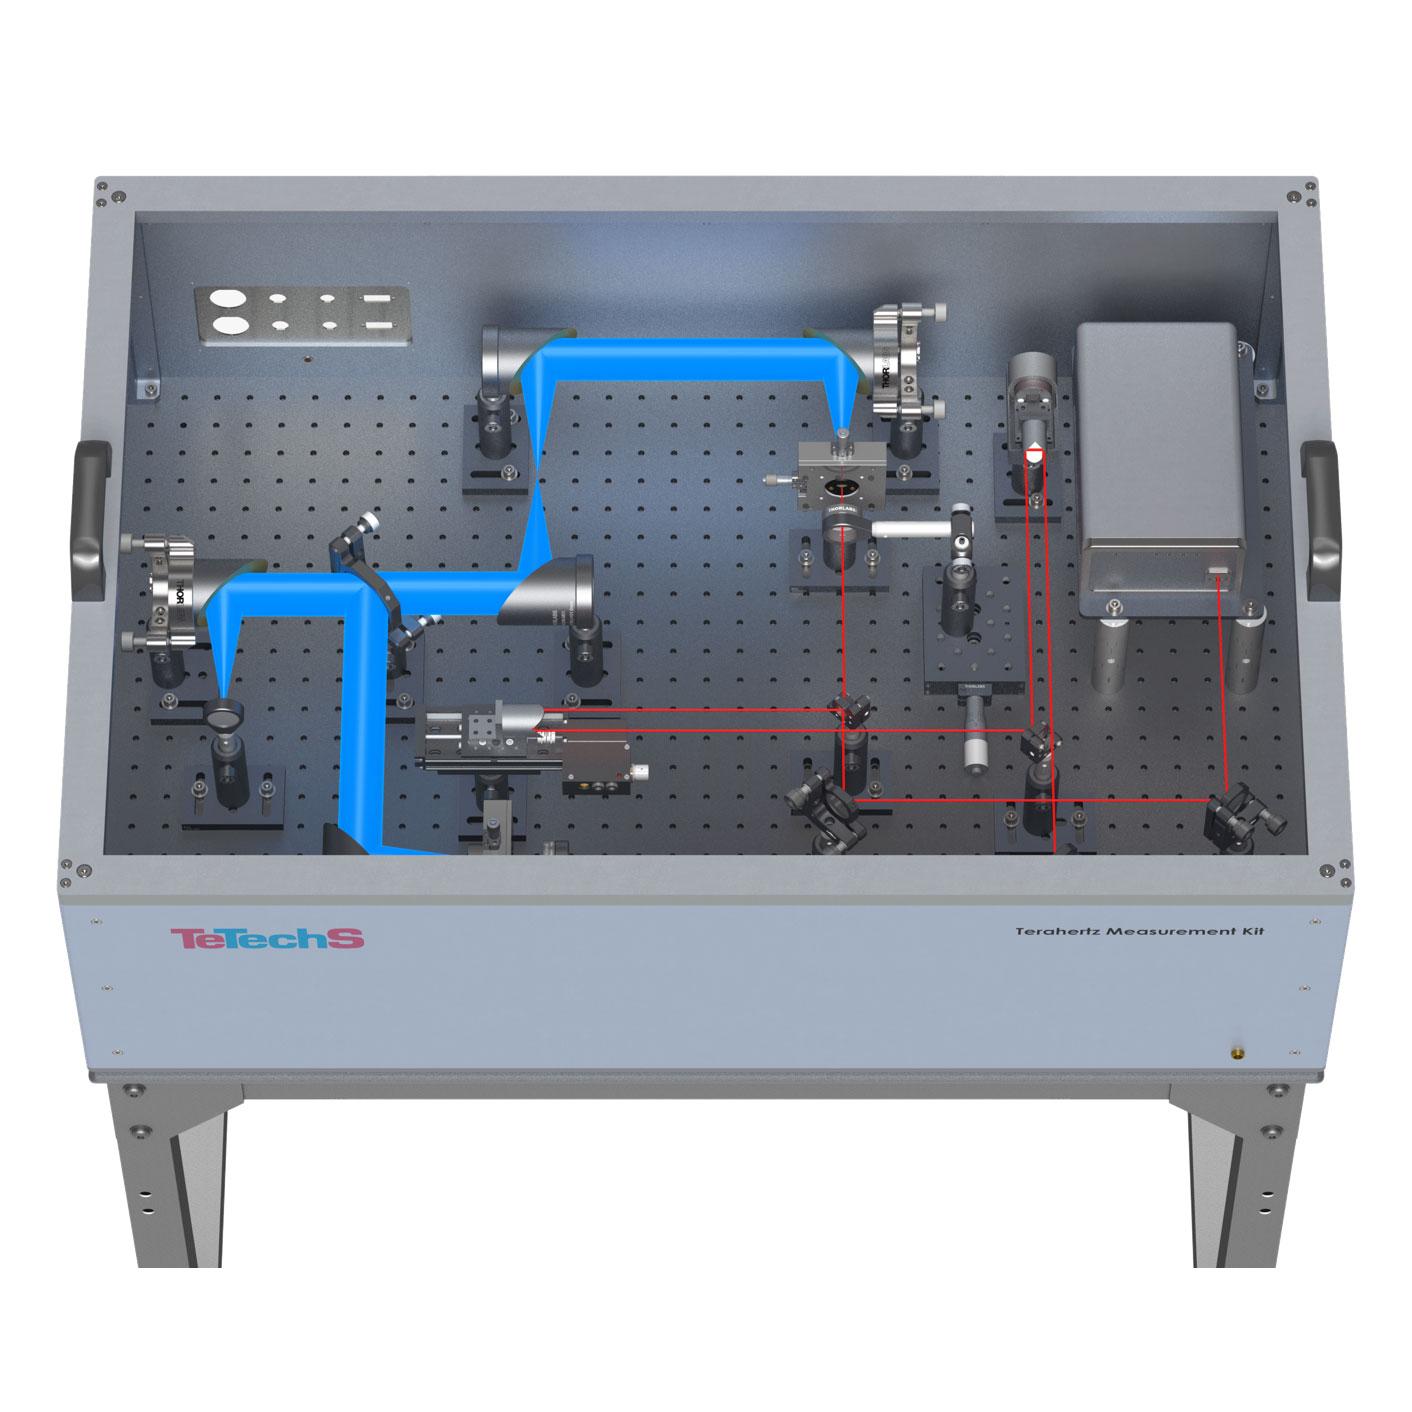 Terahertz Air-Coupled Time Domain Measurement Kit